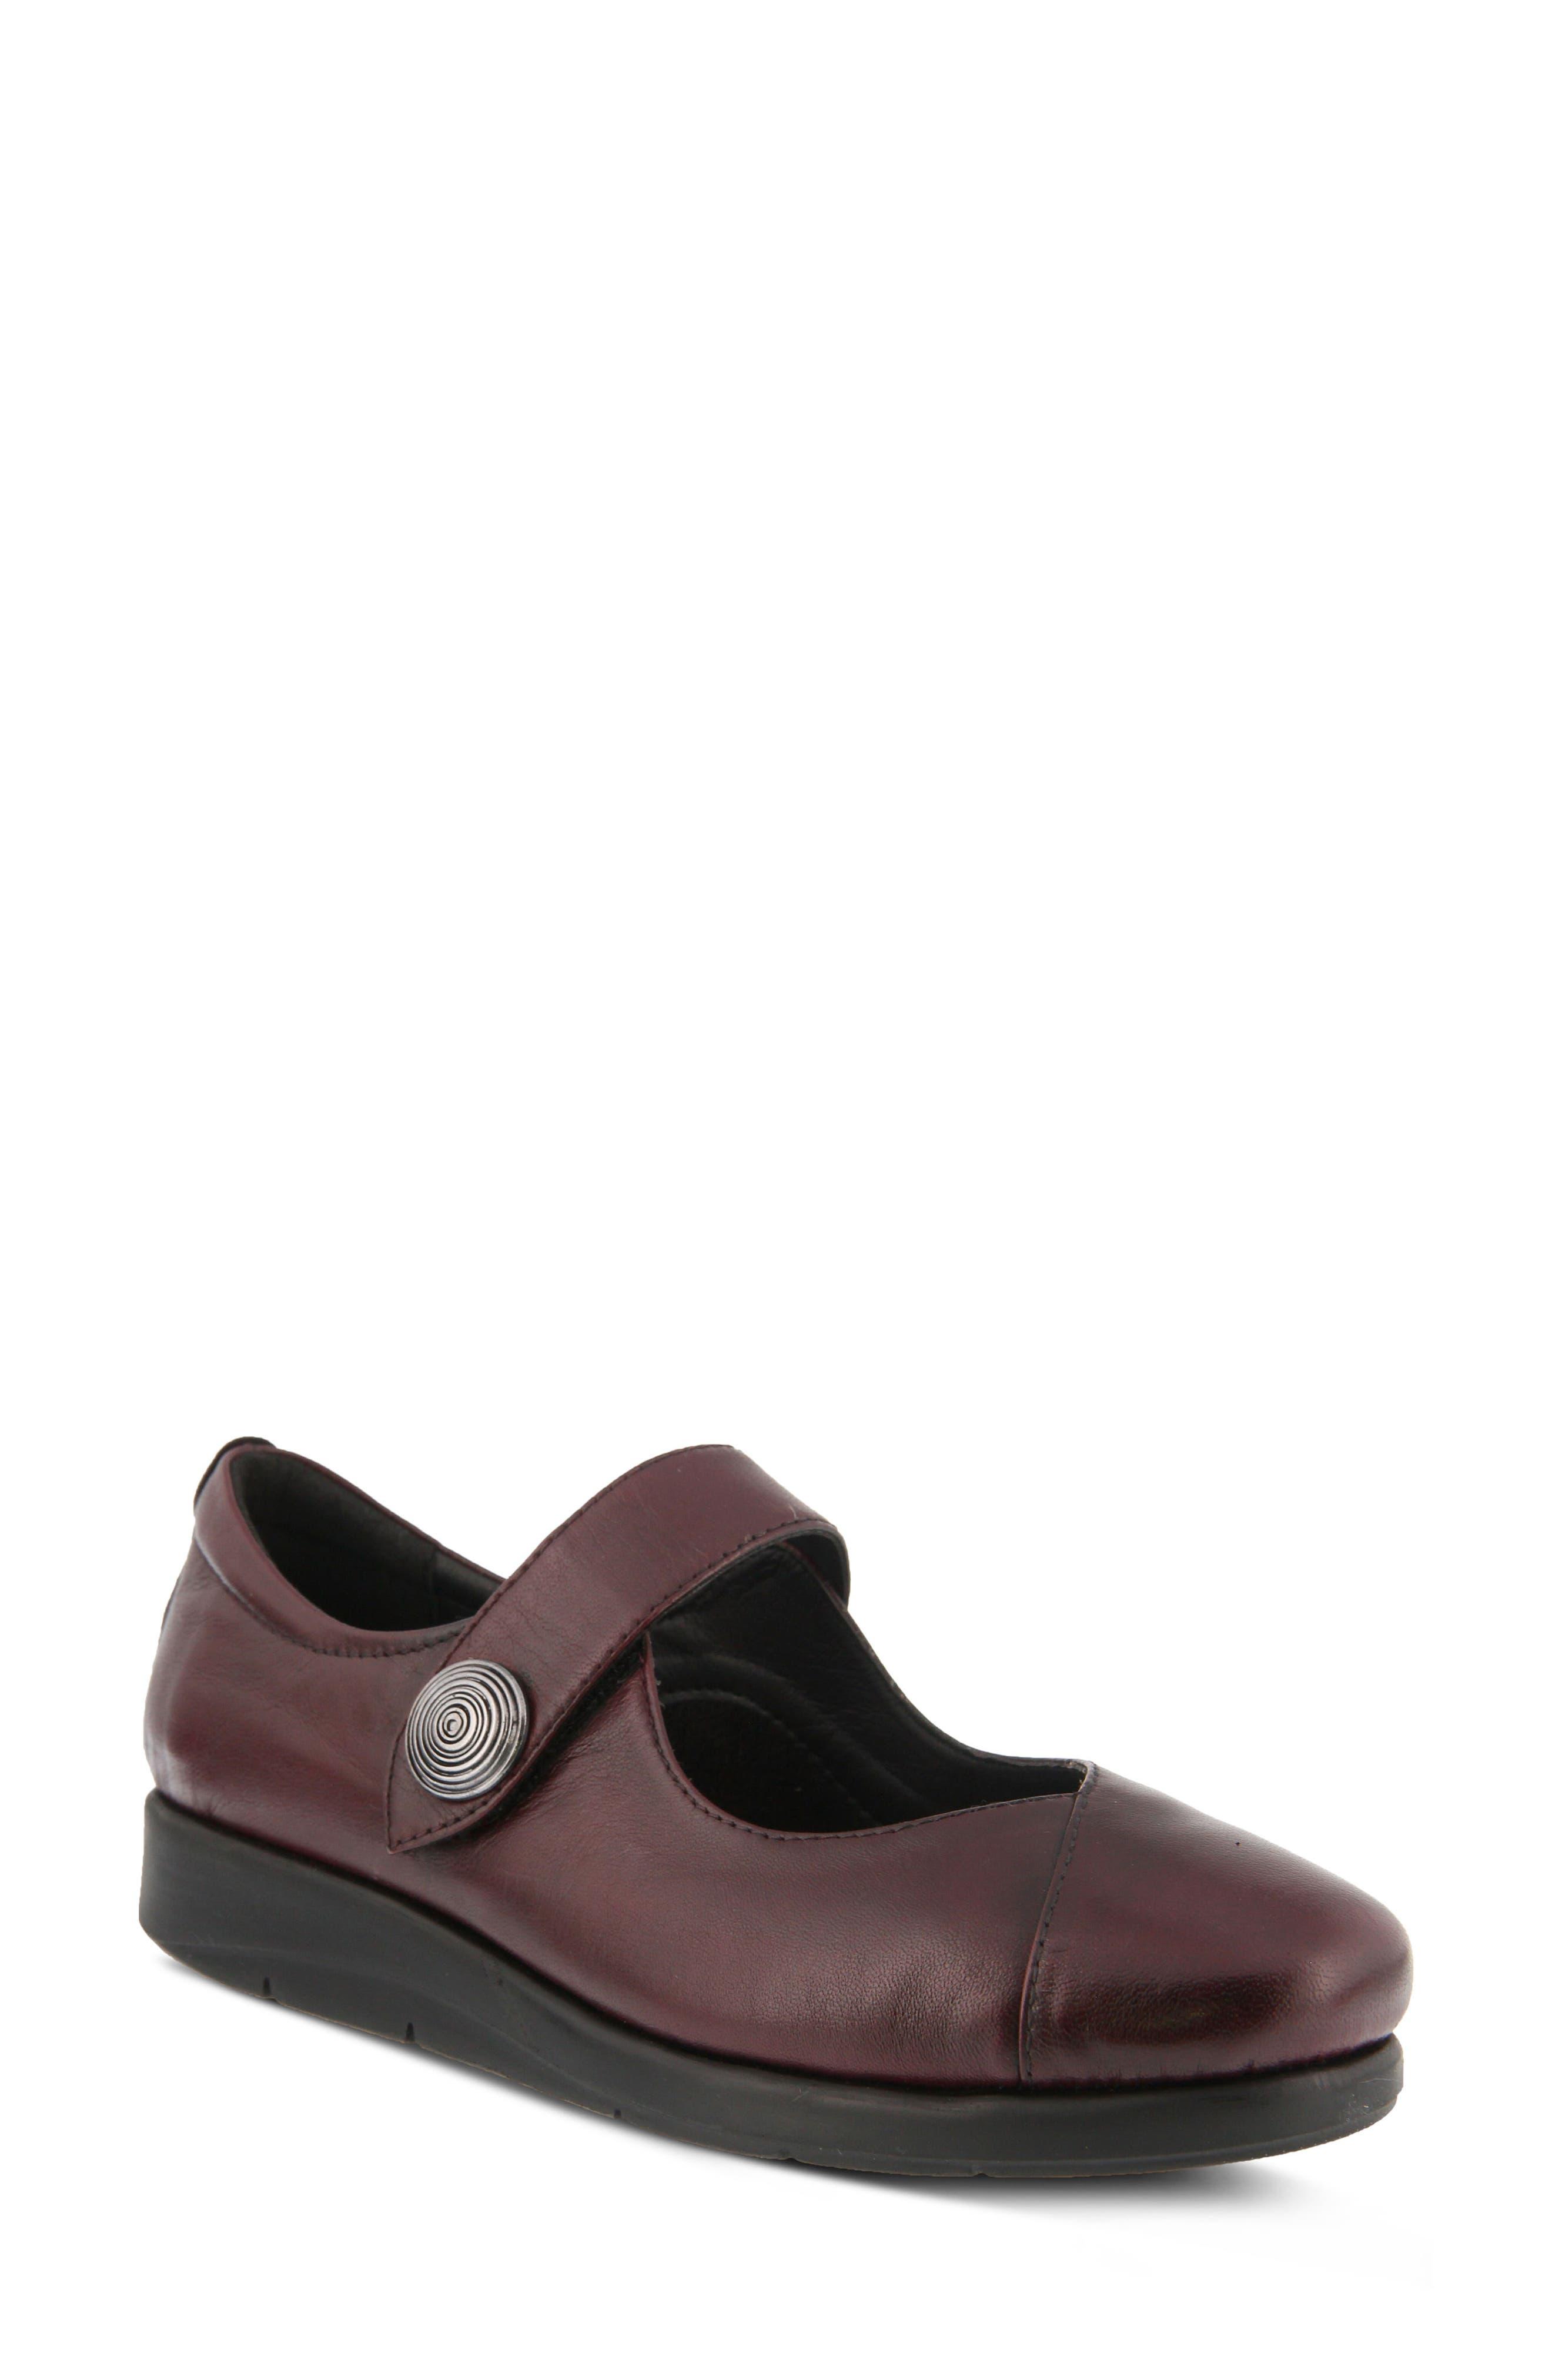 Zemira Flat,                         Main,                         color, Bordeaux Leather